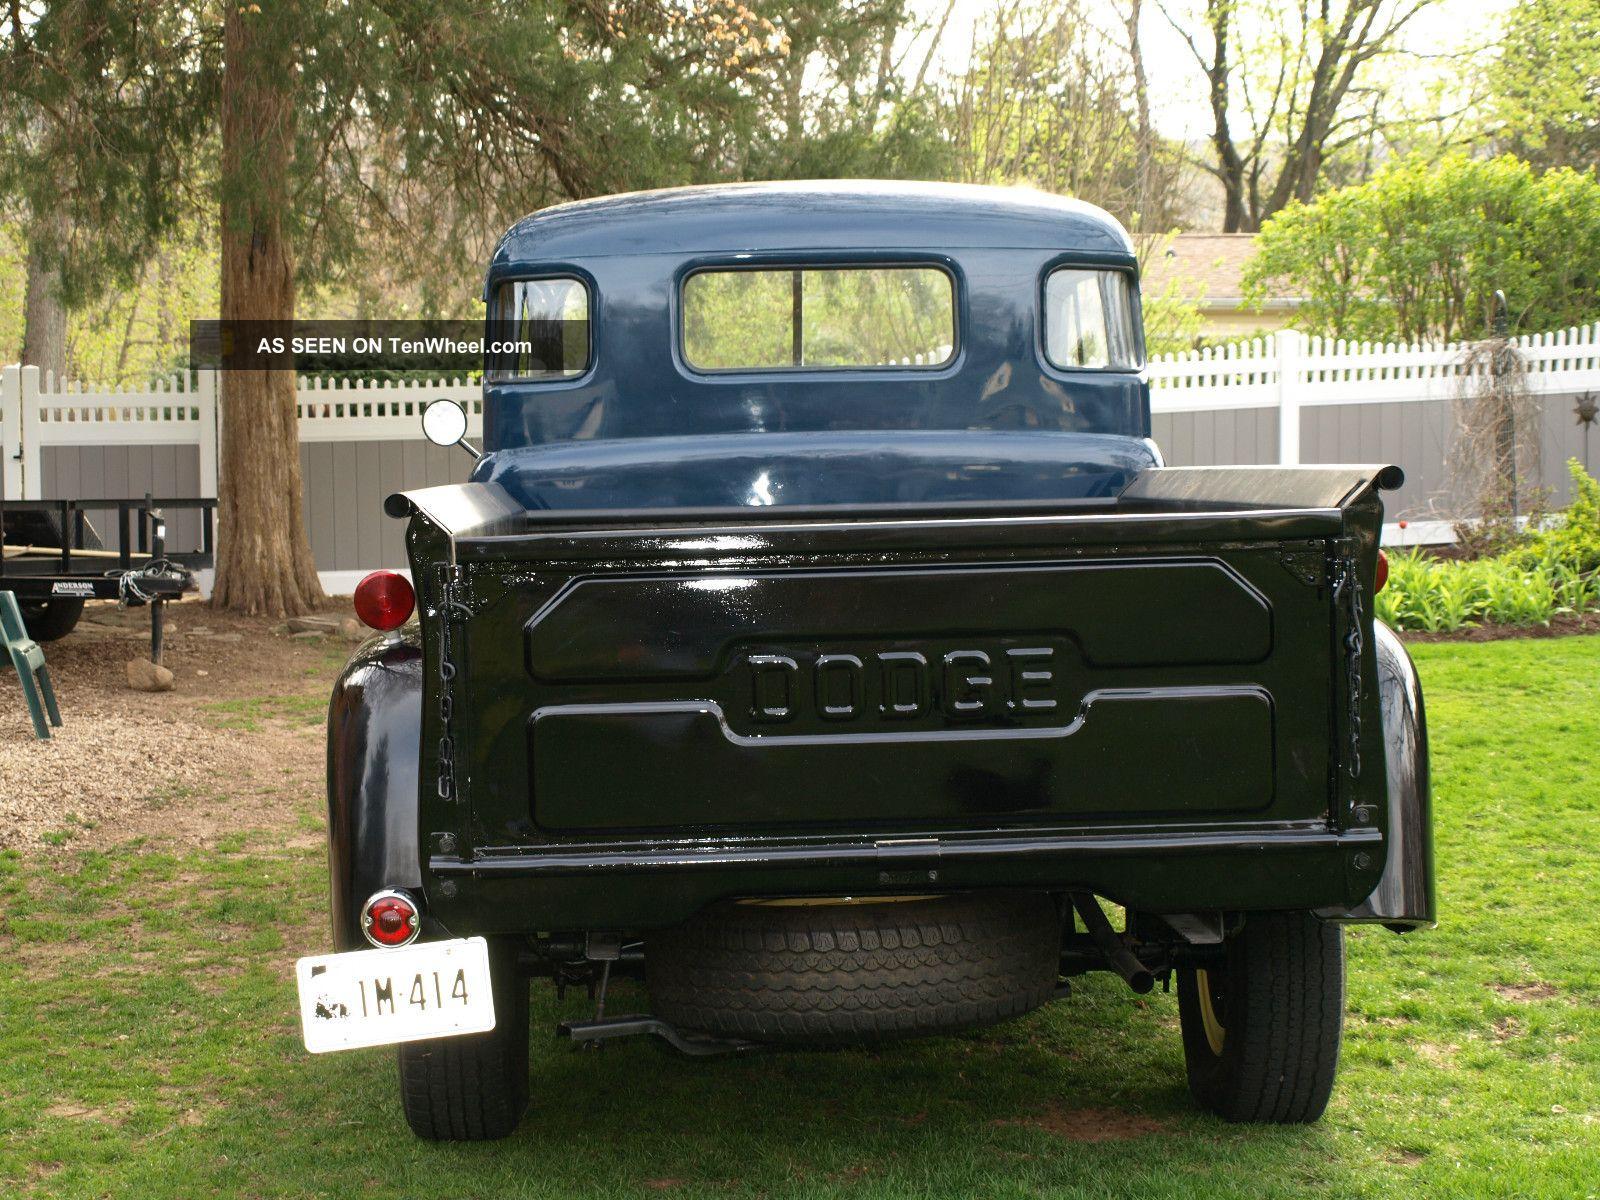 1953 Dodge Pick - Up Truck  1953 Dodge Flatbed Truck